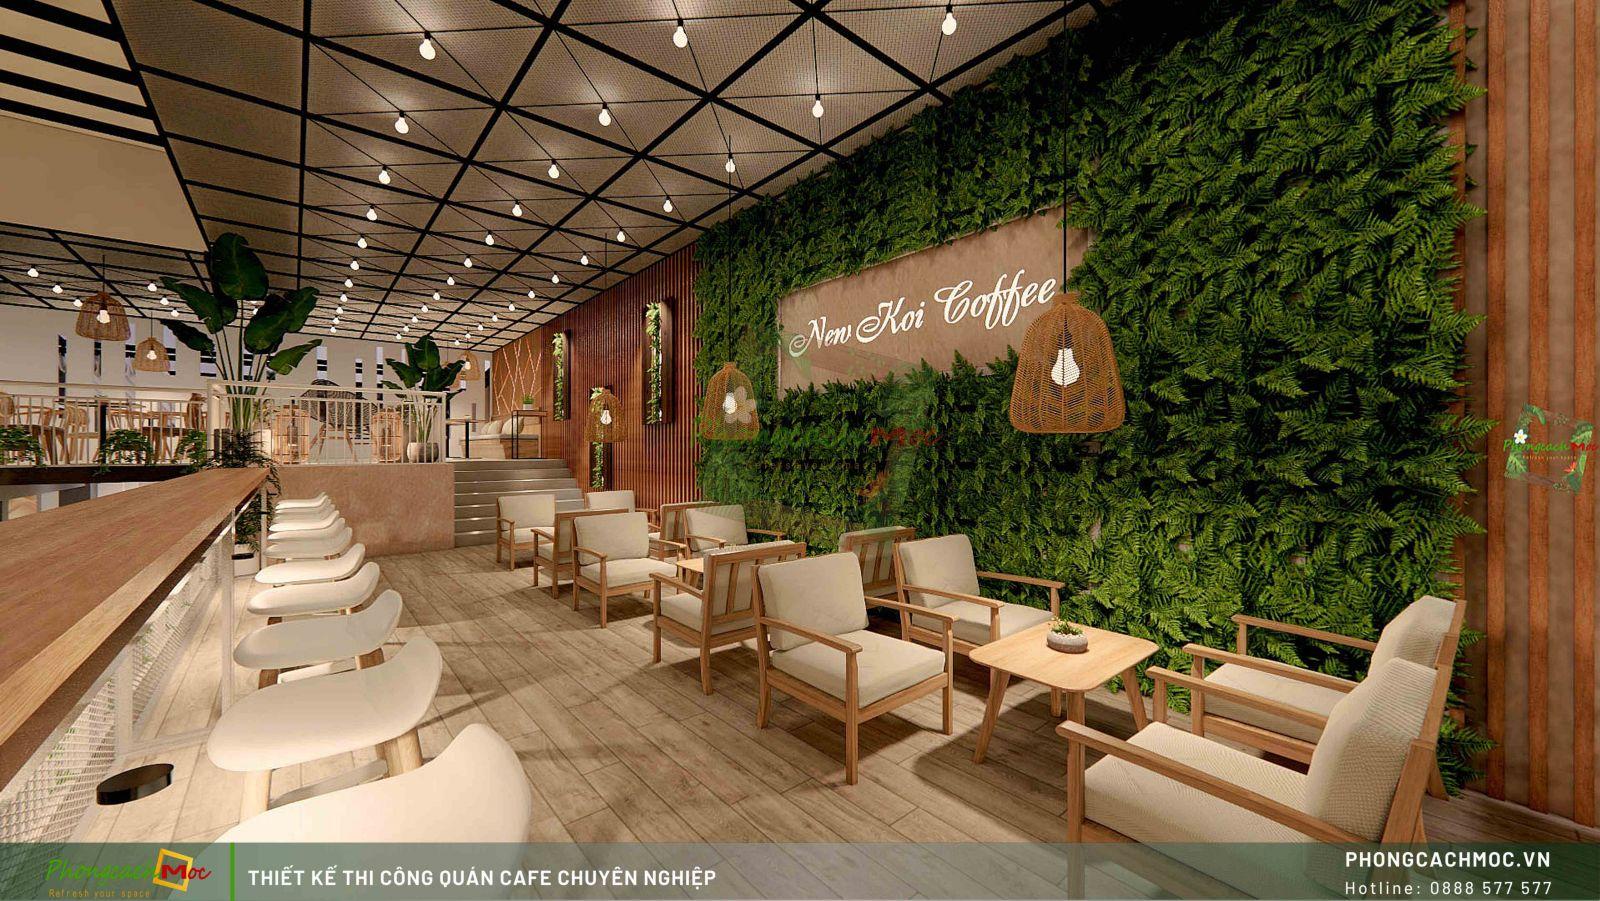 Thiết kế không gian New Koi Coffee quận 7